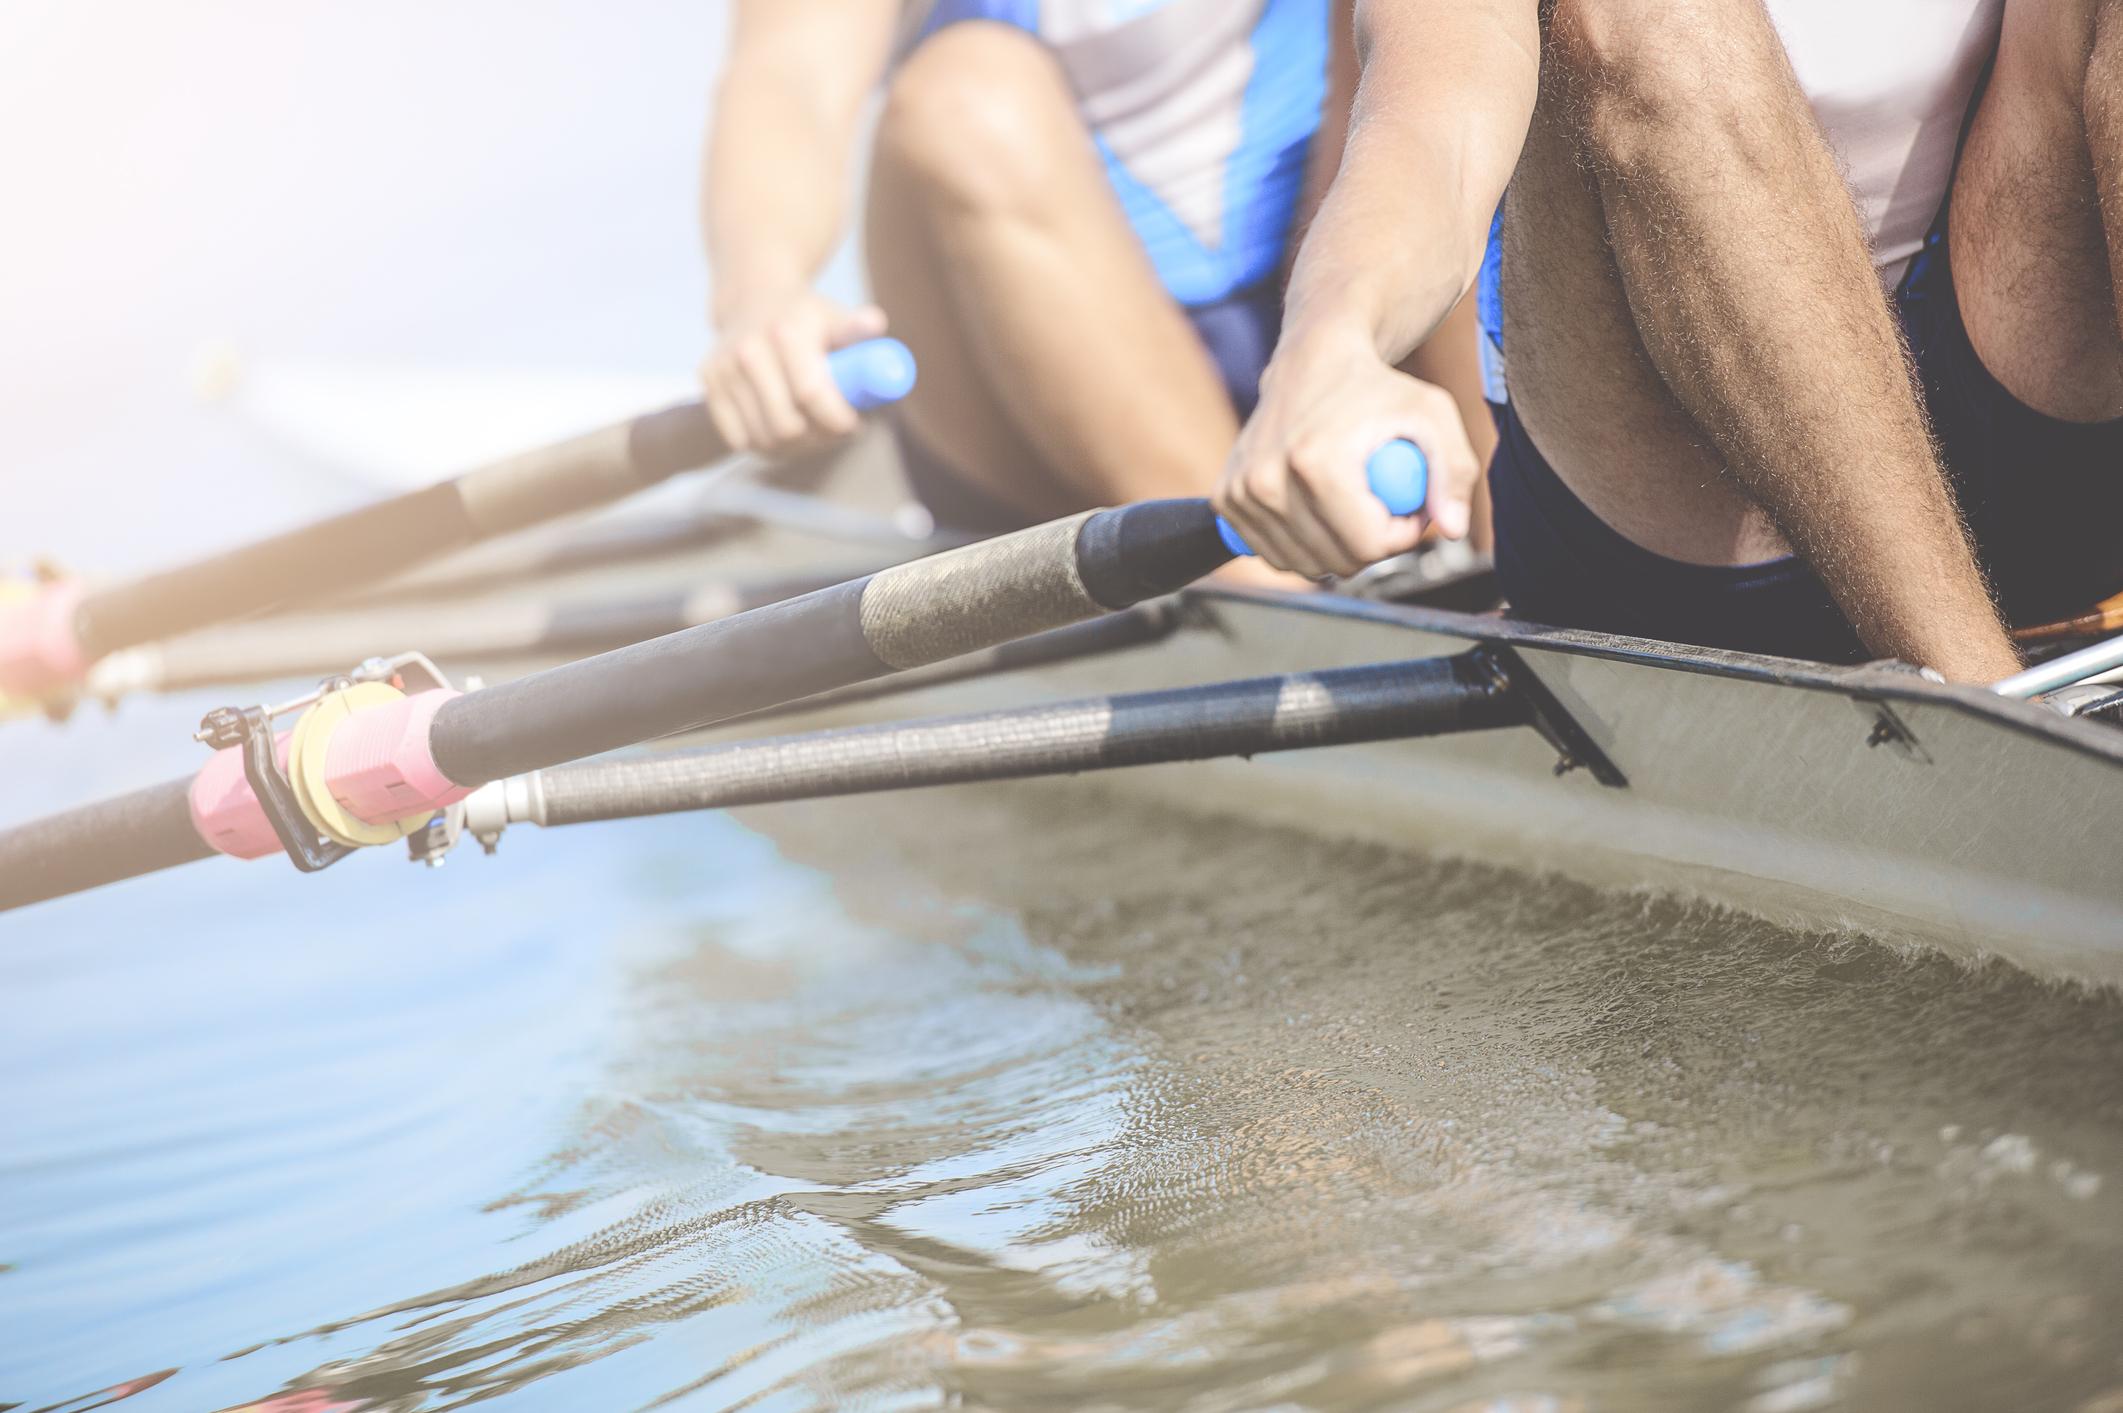 Kanurennsport bei den Olympischen Spielen in Rio de Janeiro 2016